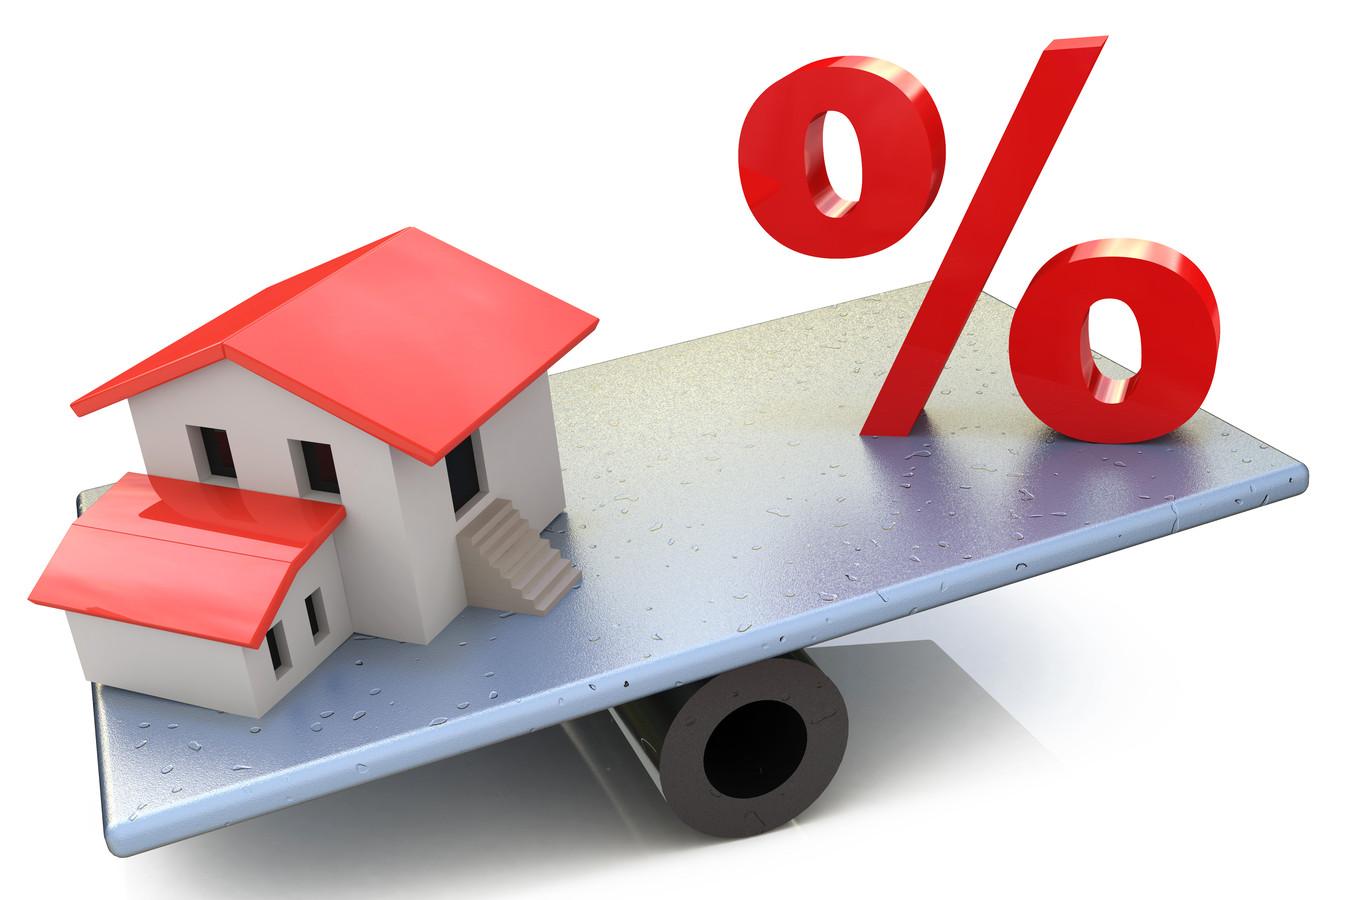 De hypotheekrenteaftrek wordt mogelijk afgebouwd.